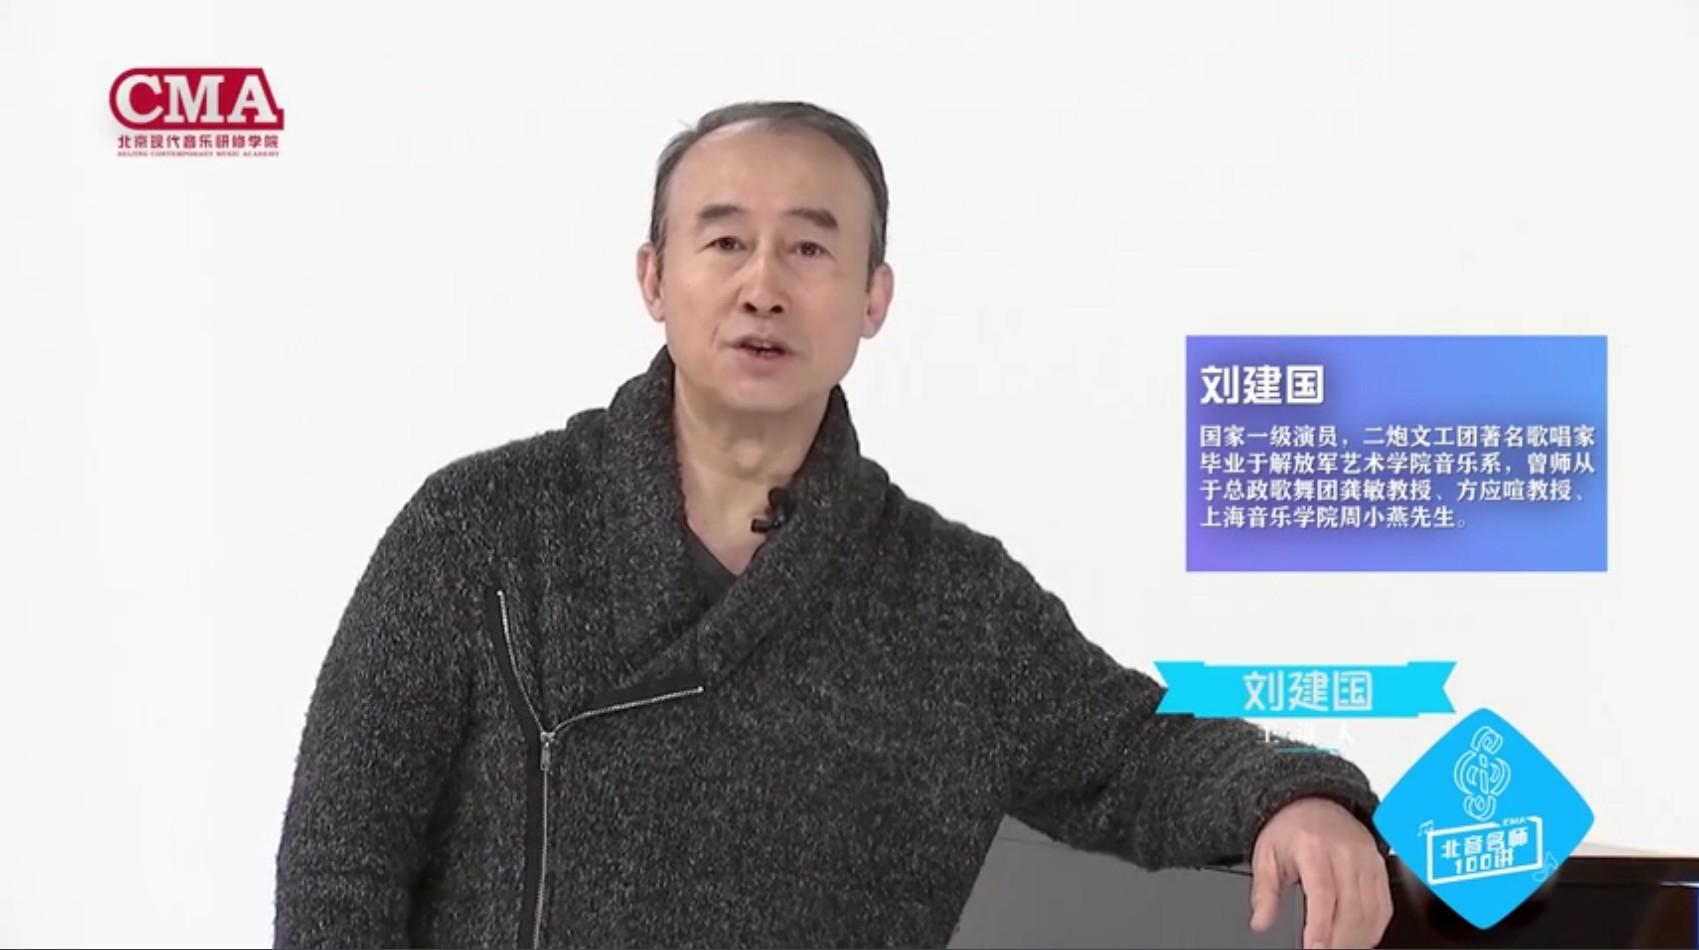 【澳门赌钱官网名师100讲】刘建国:只有掌握科学的发音方法才能自如地刻画不同的音乐角色